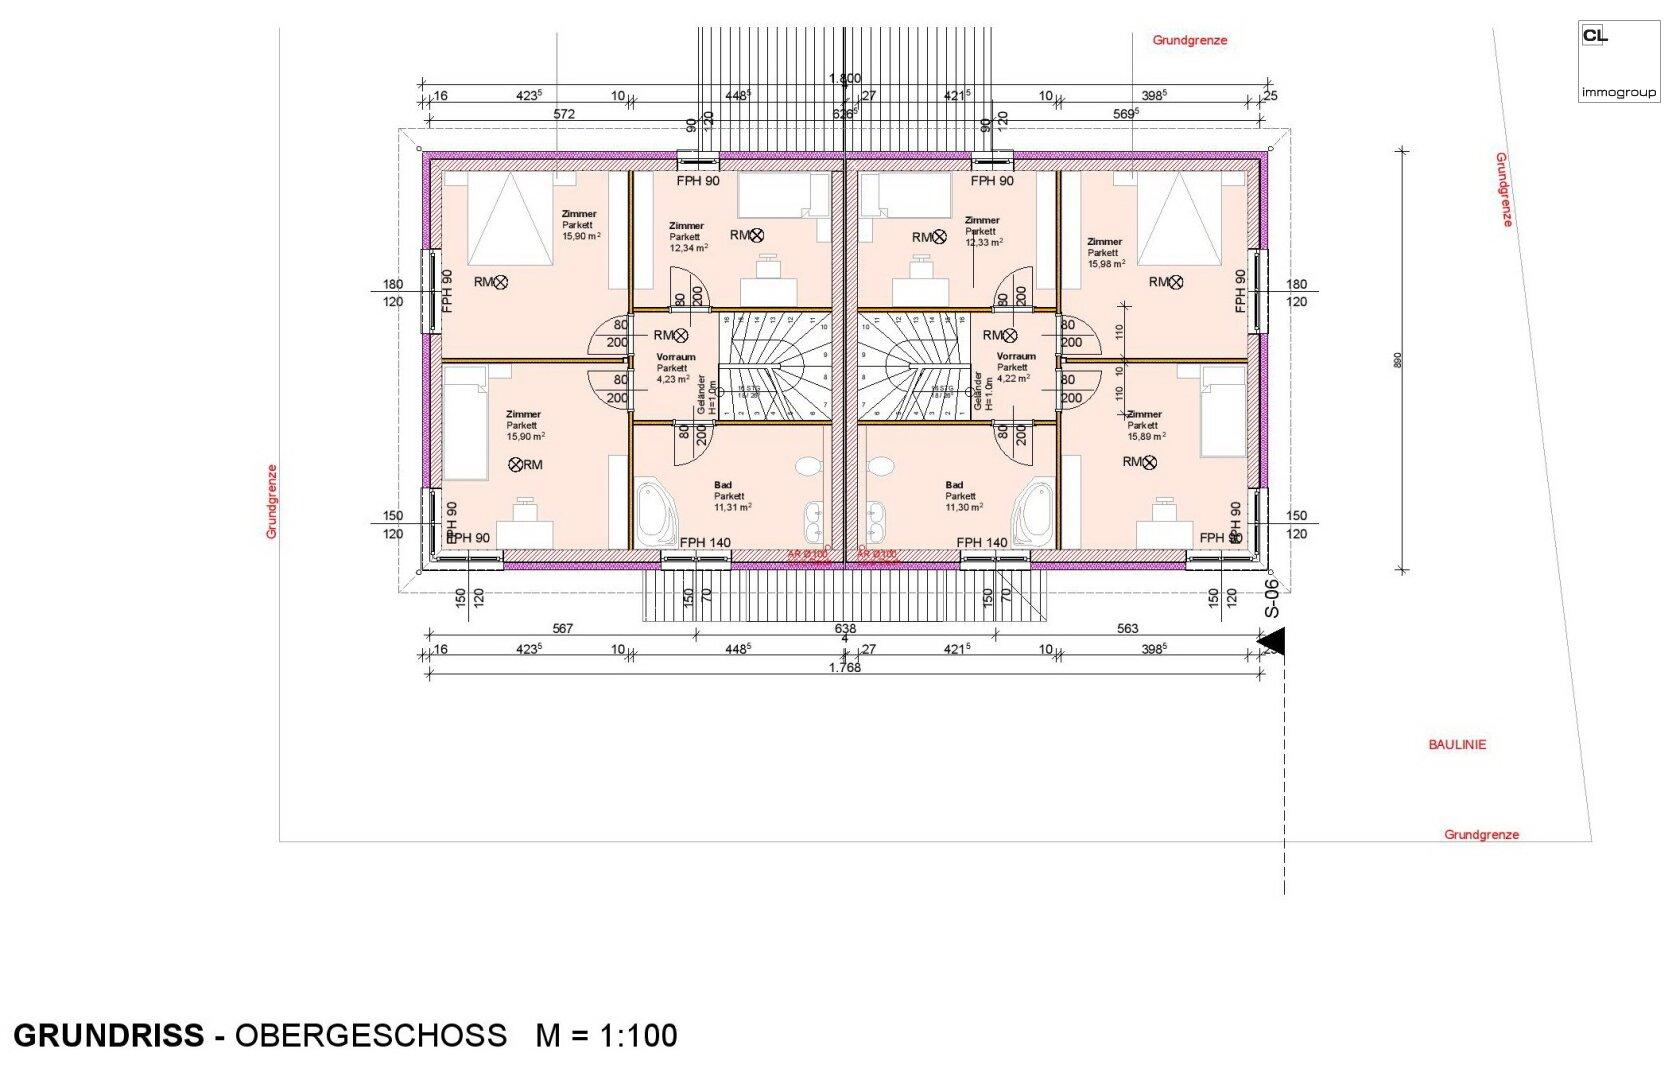 Grundriss Obergeschoss Doppelhaushälfte